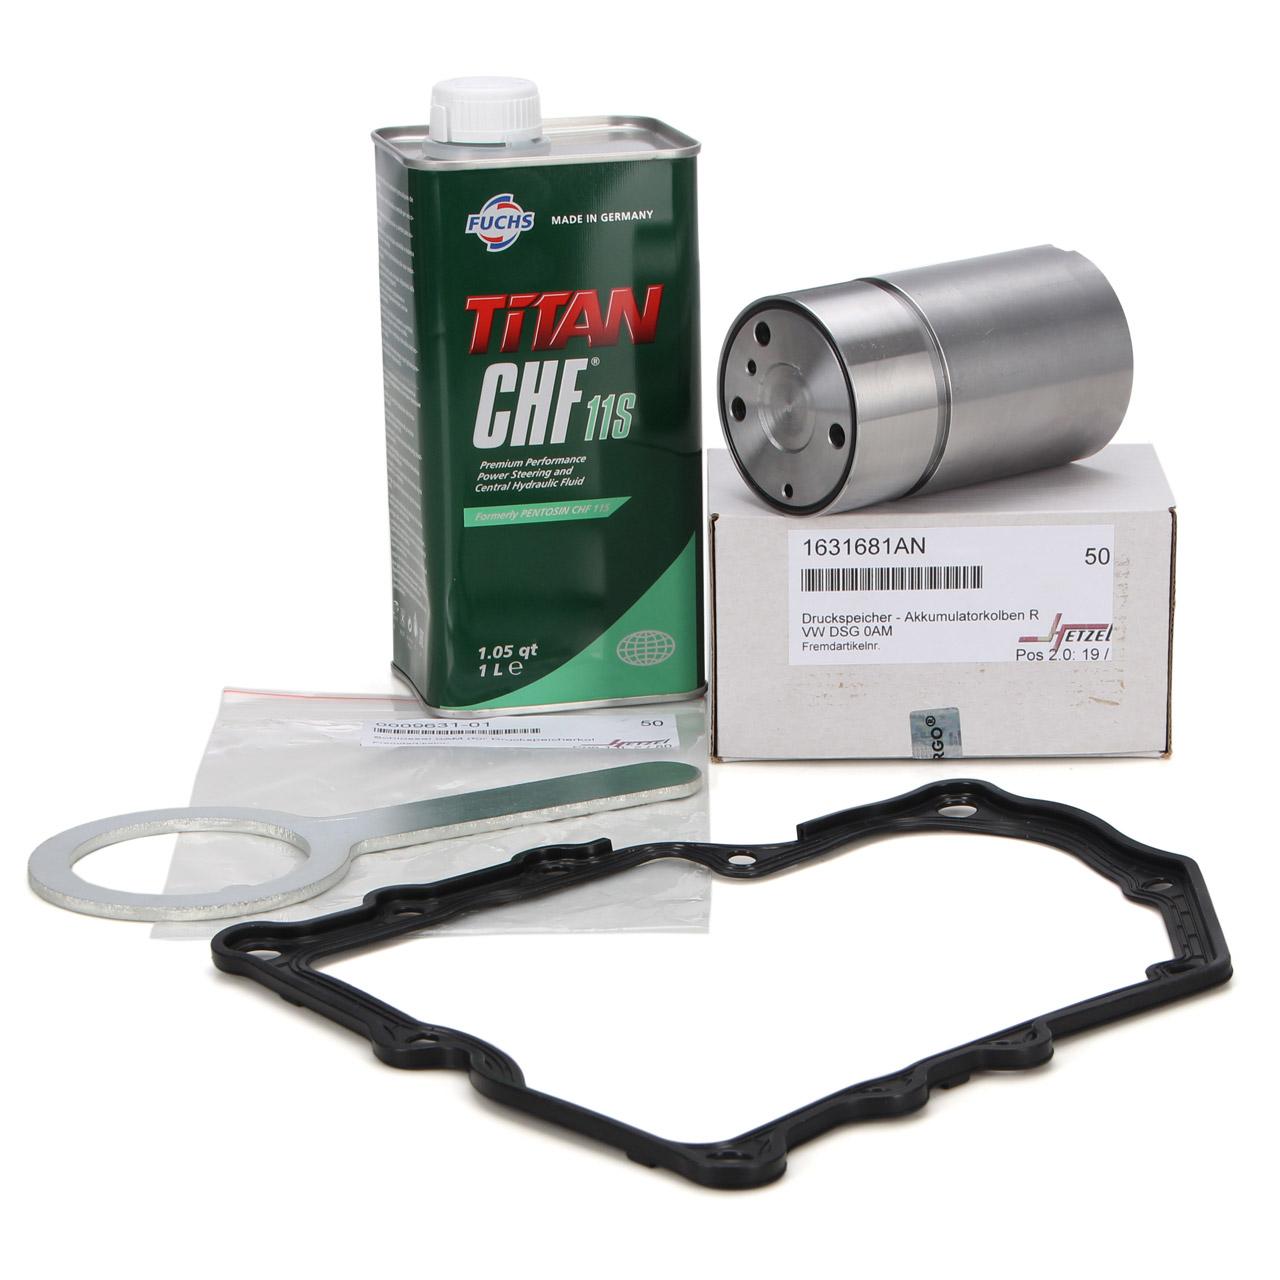 Kleiner Reparatursatz Werkzeug Dichtung CHF 11S Hydrauliköl für 7-Gang DSG 0AM DQ200